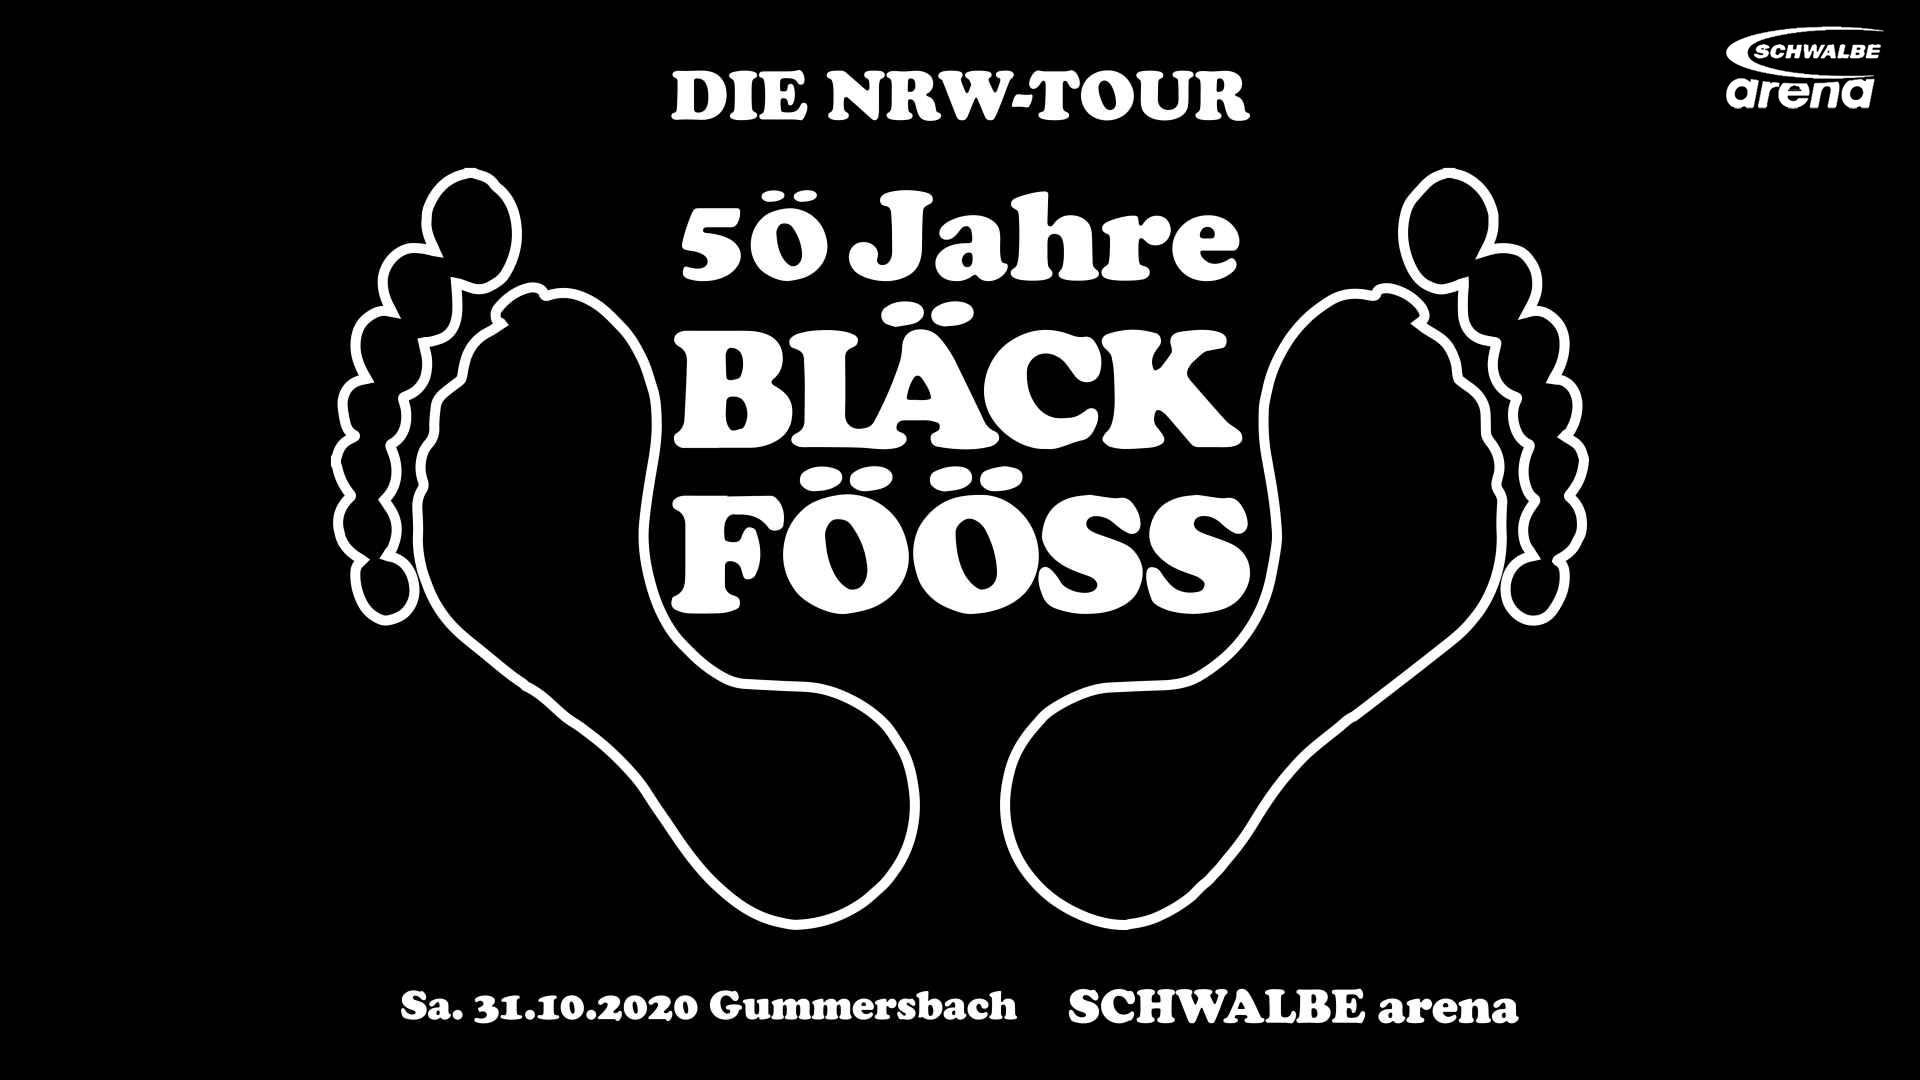 SCHWALBE arena | BLÄCK FÖÖSS - 5Ö Jahre / Die NRW-Tour